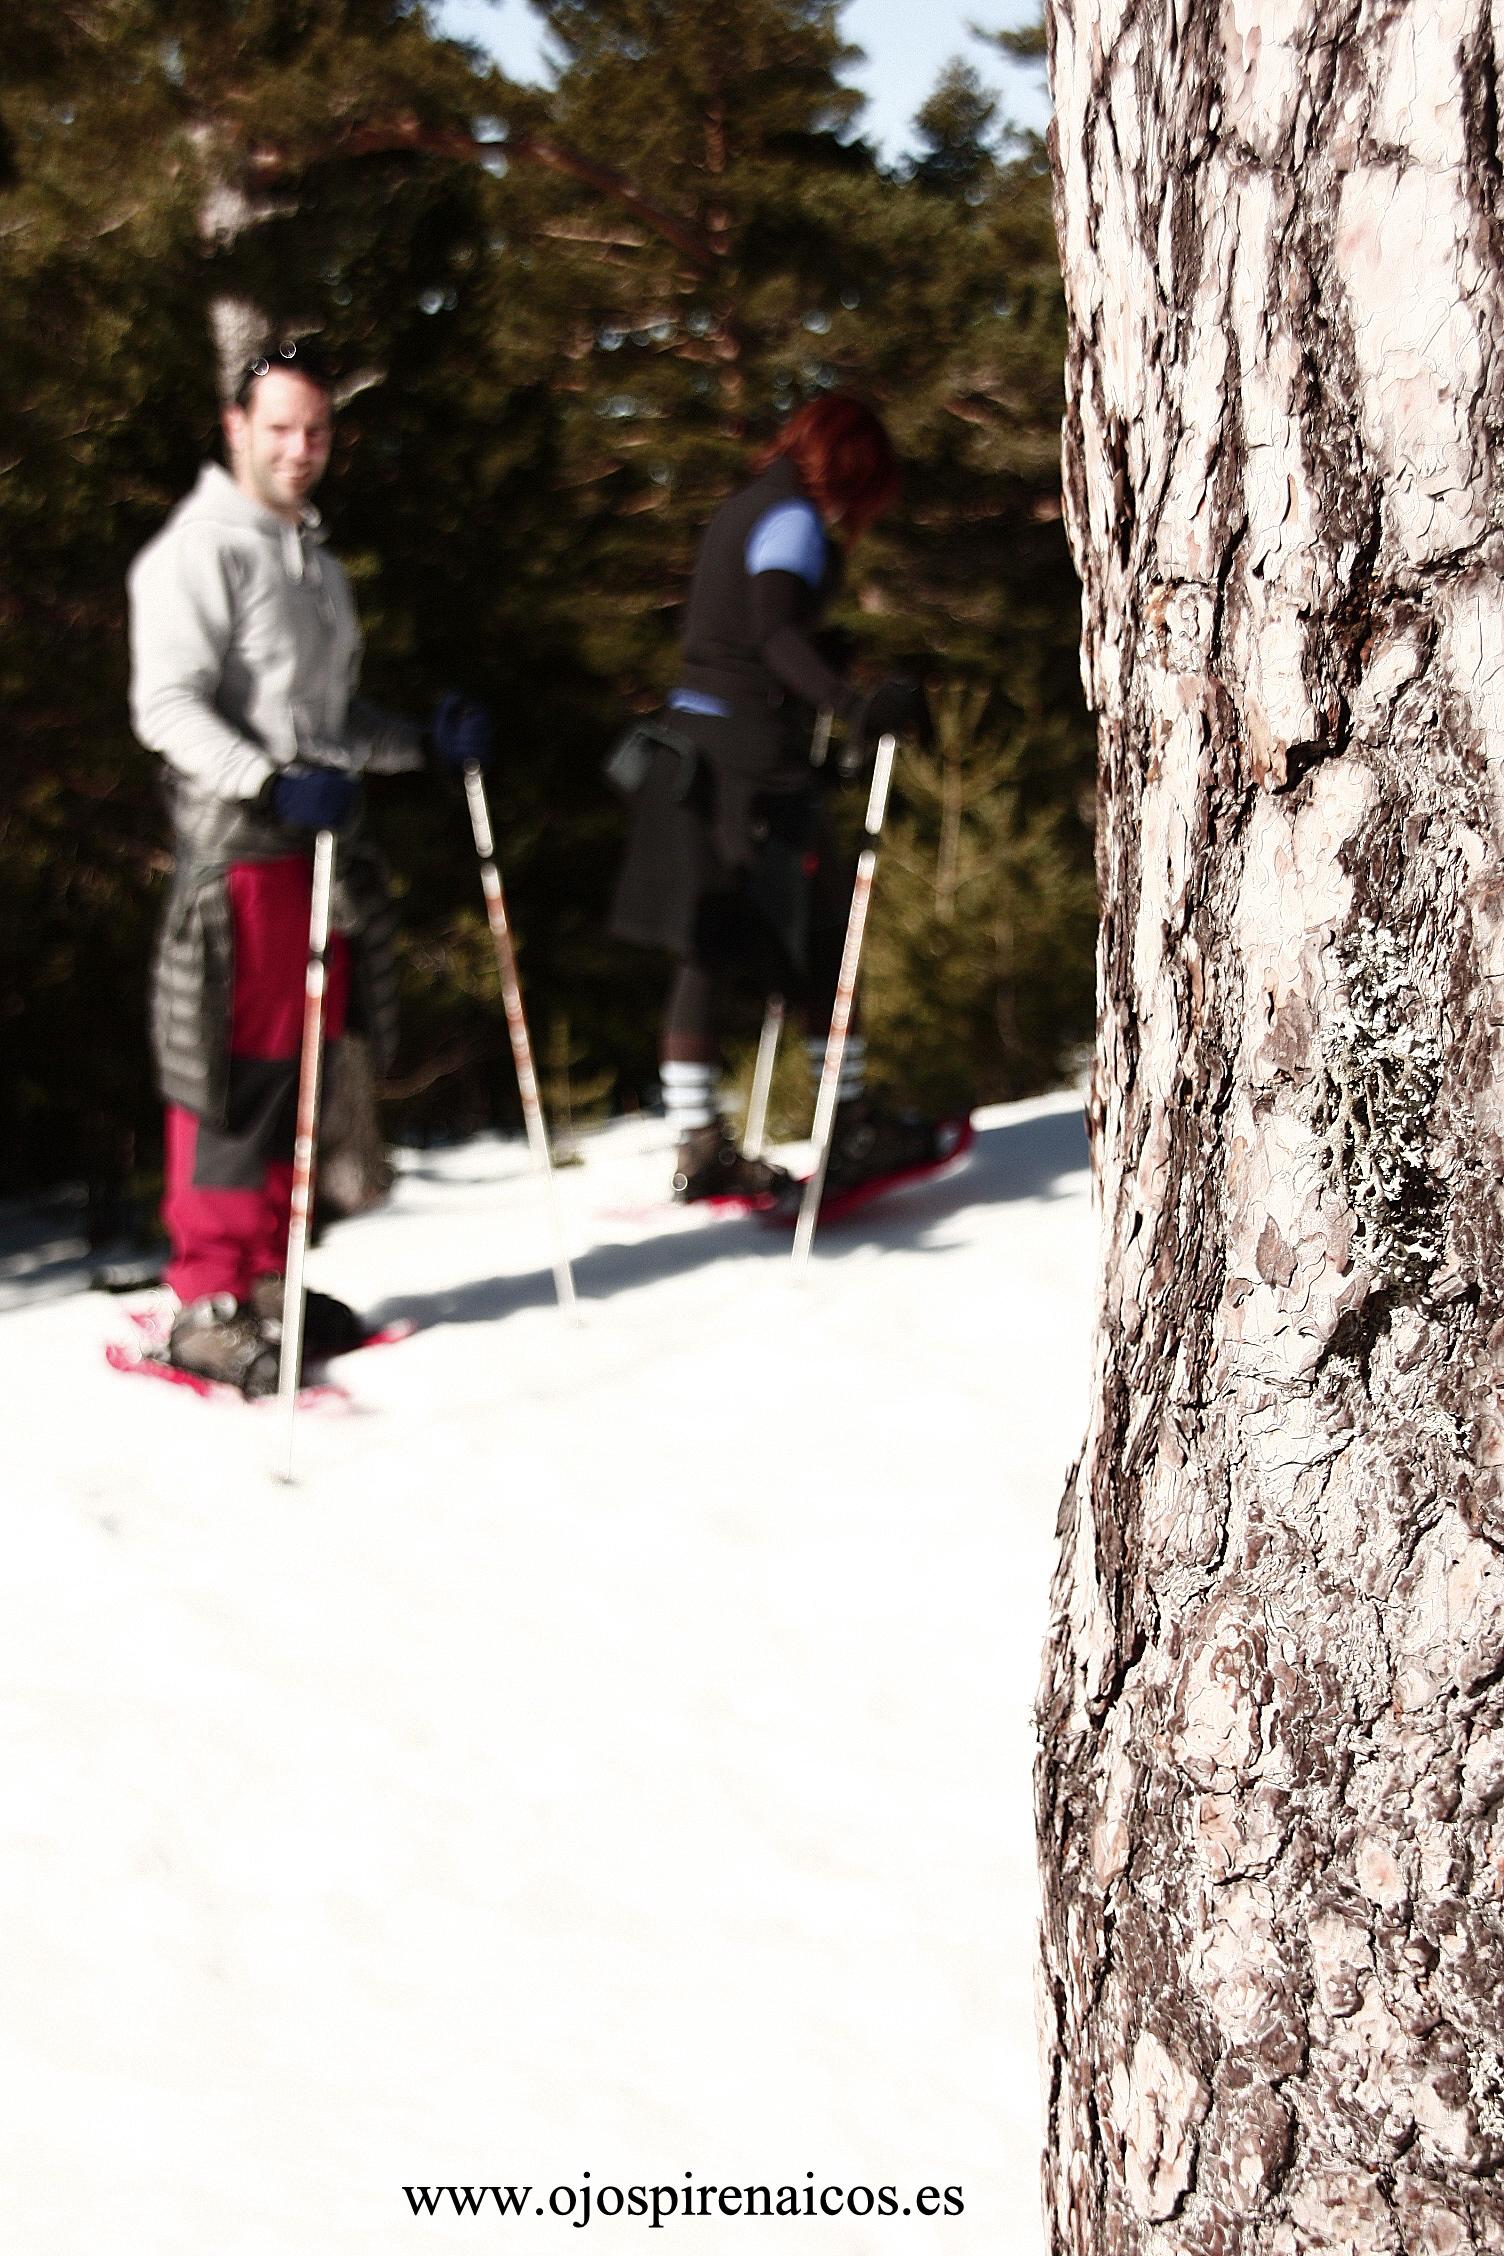 Sonrisas y raquetas de nieve